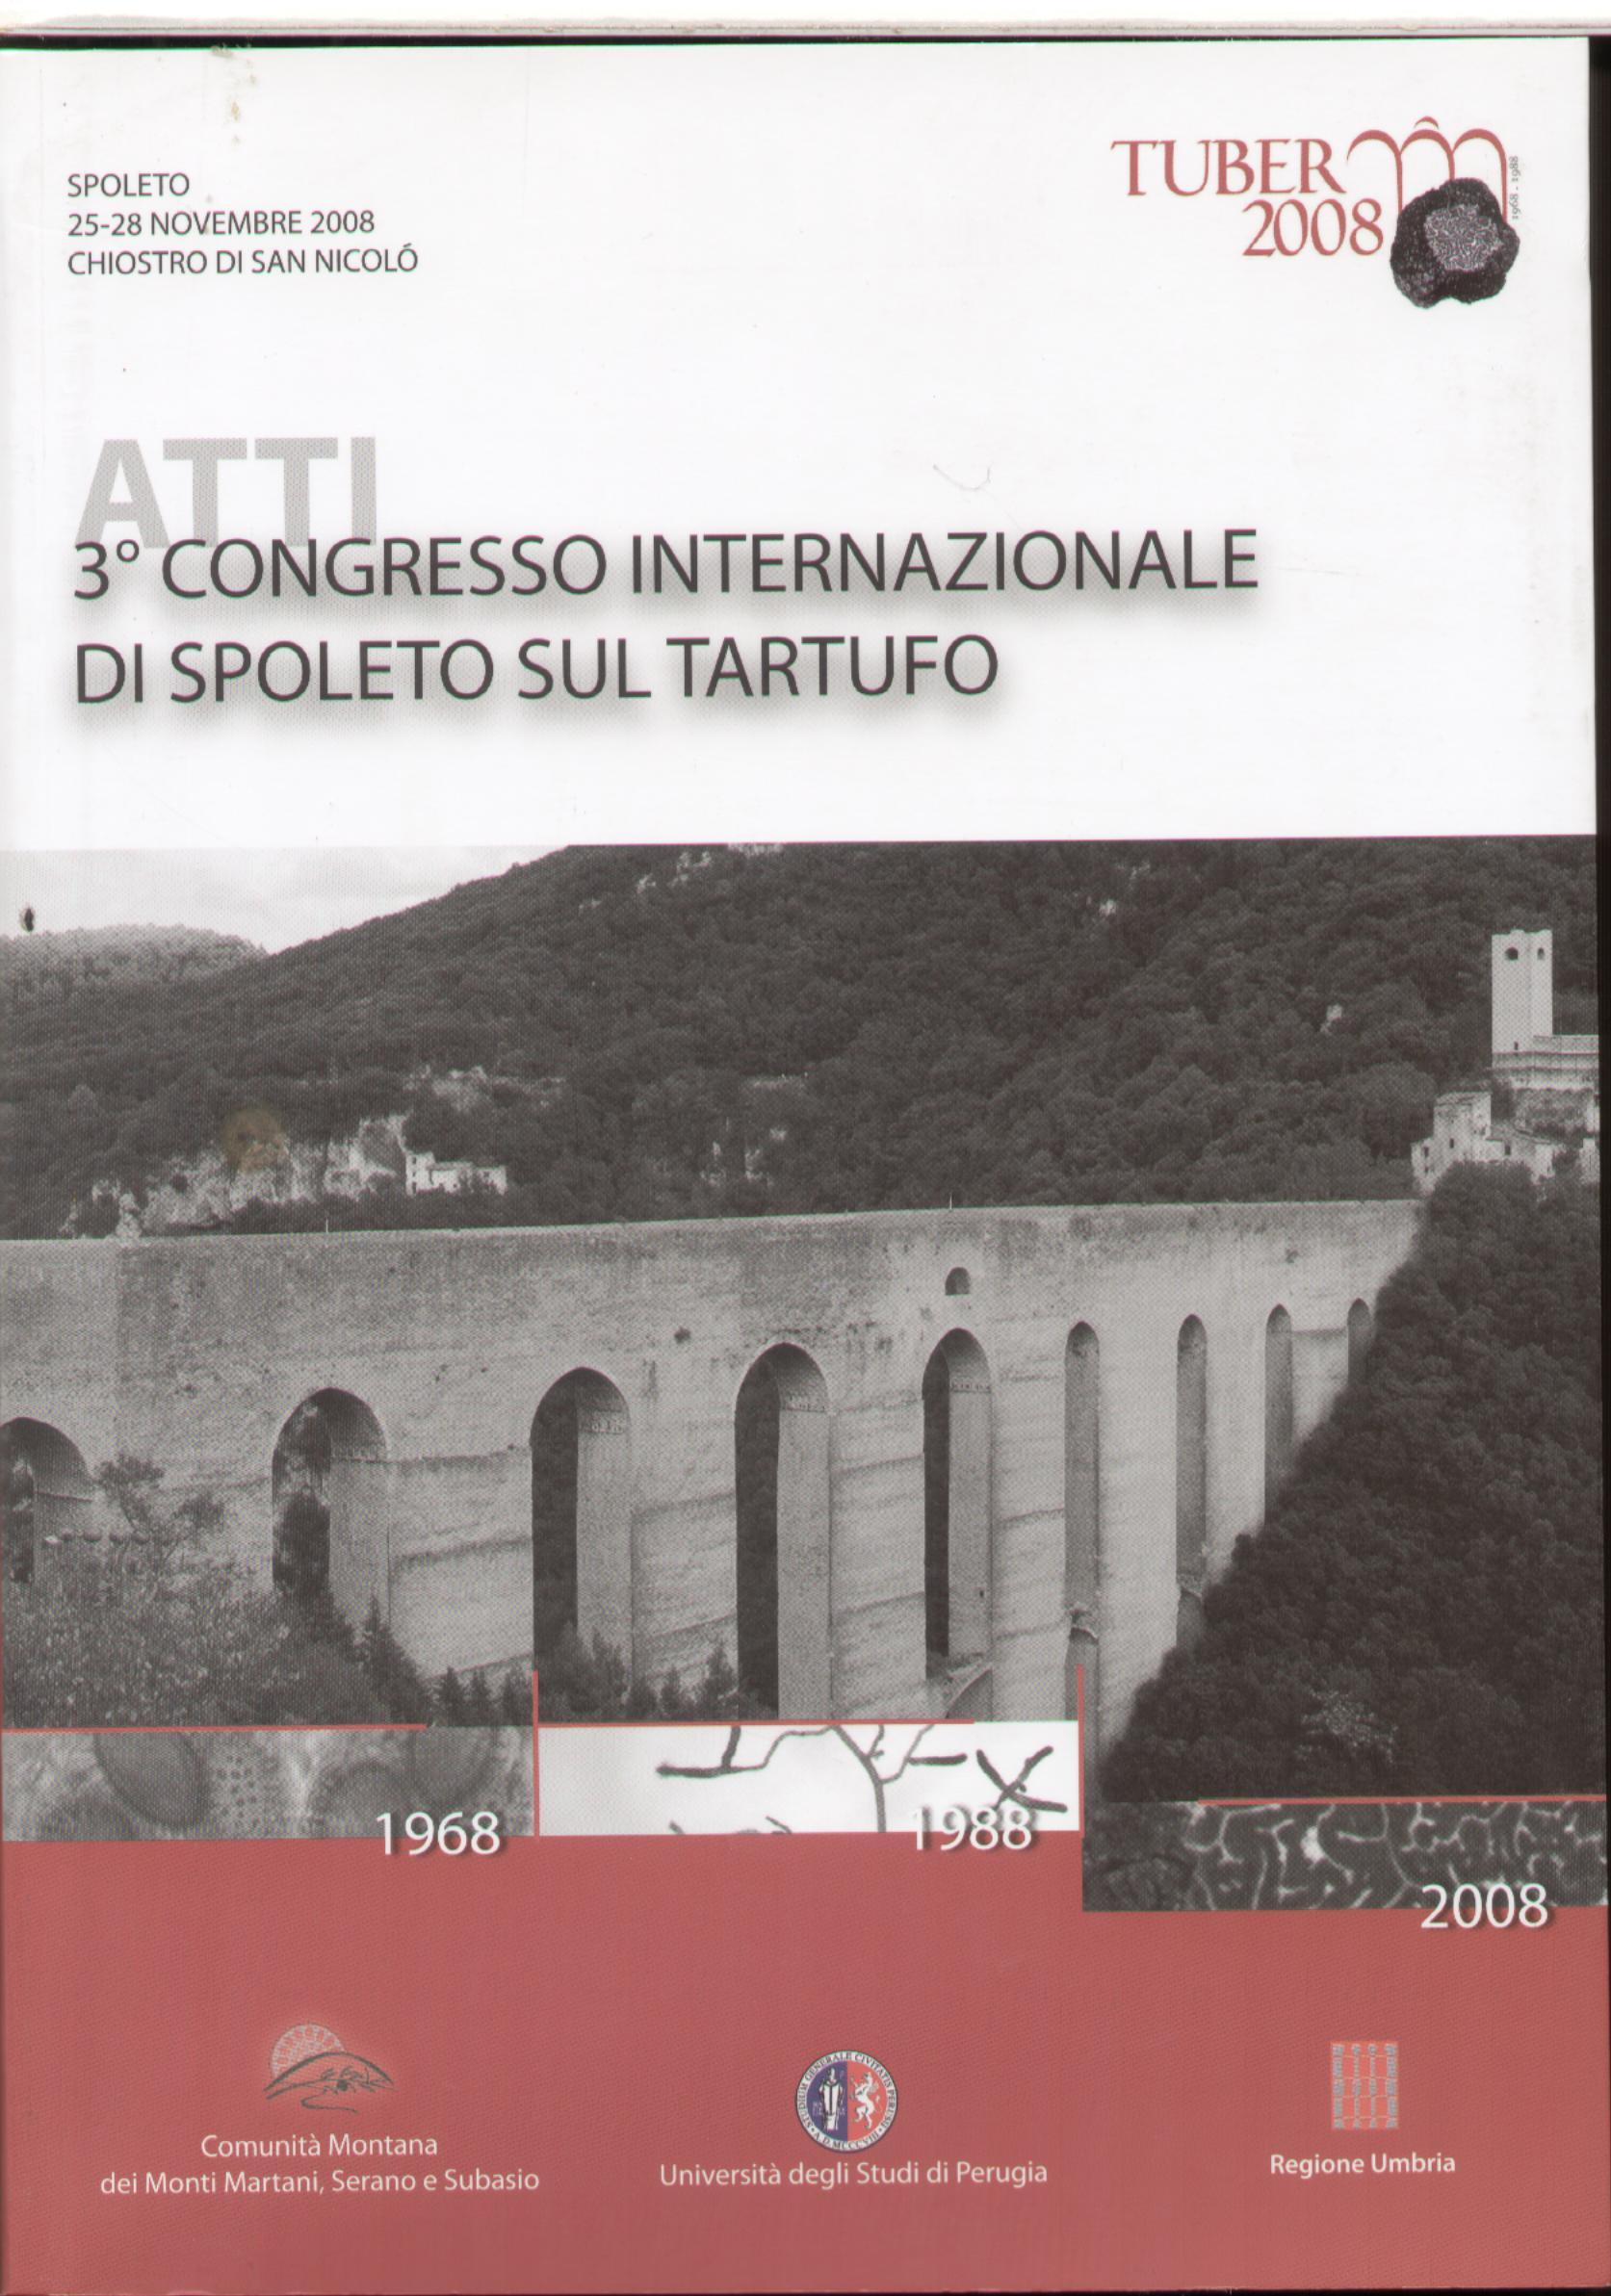 Atti 3° congresso internazionale di Spoleto sul tartufo